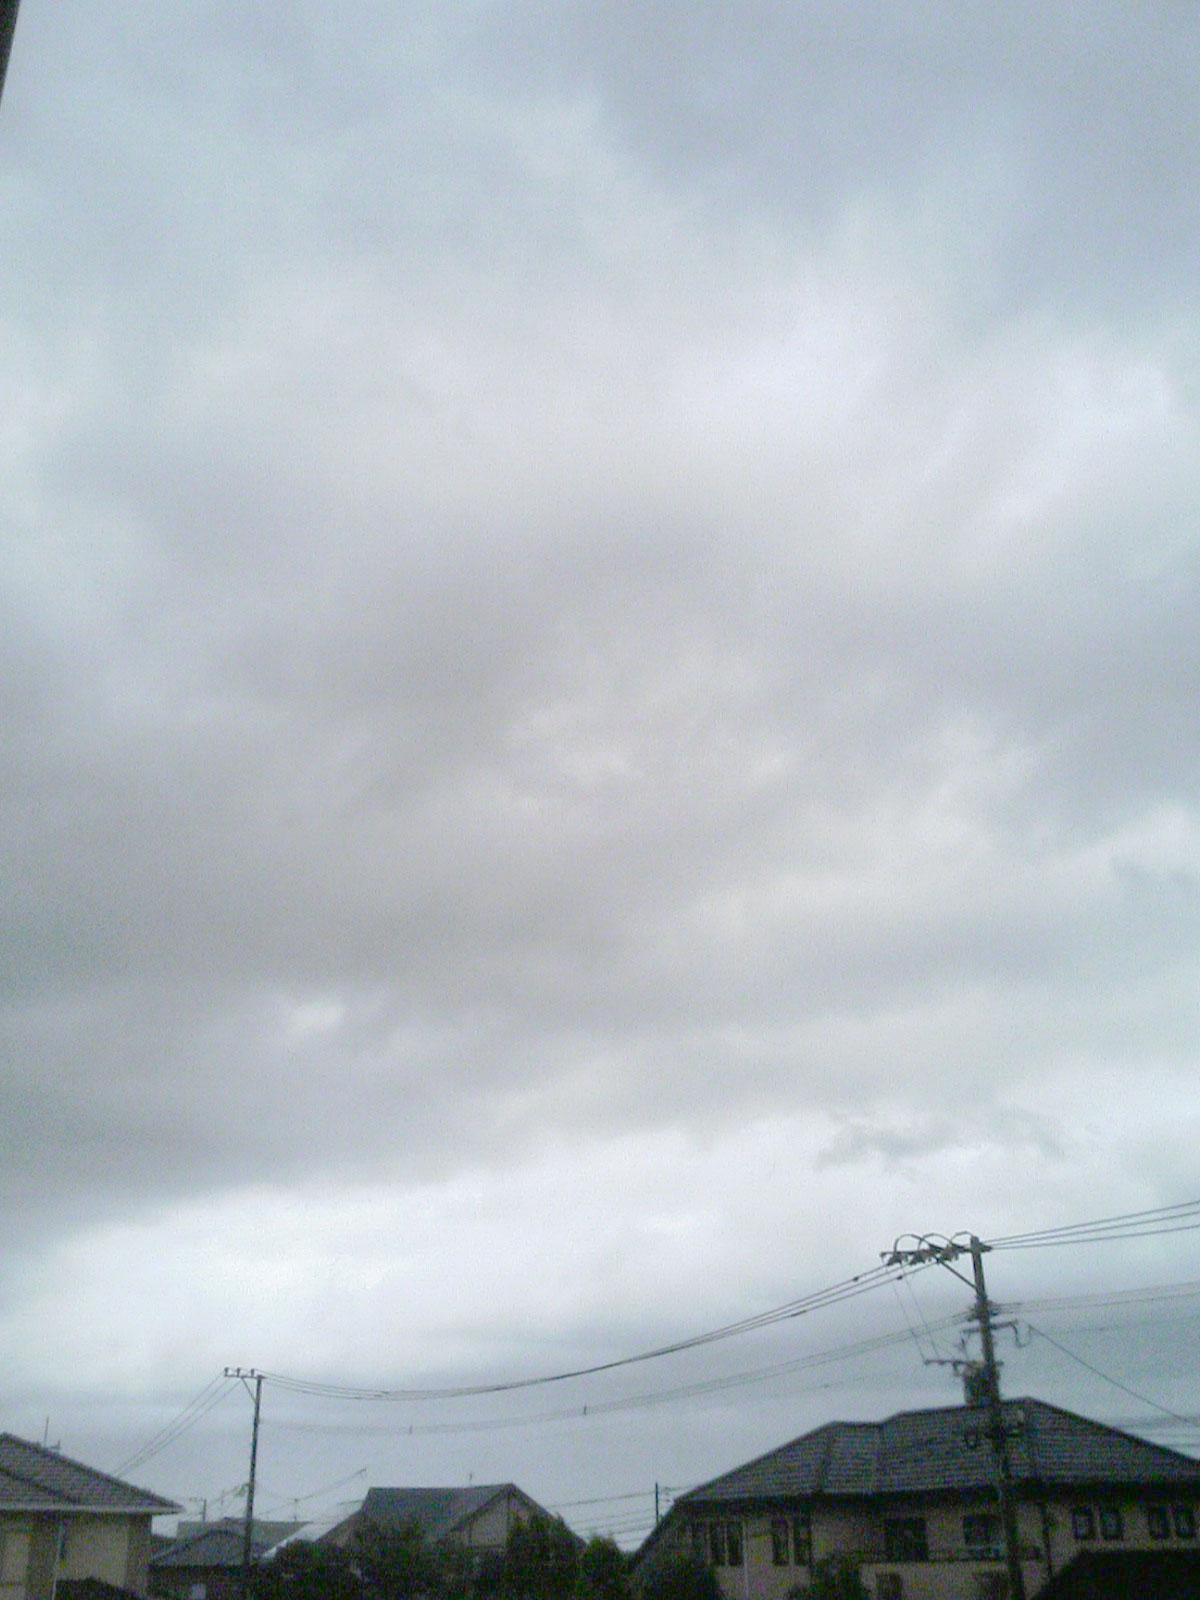 北九州市内の空模様(13:10頃)